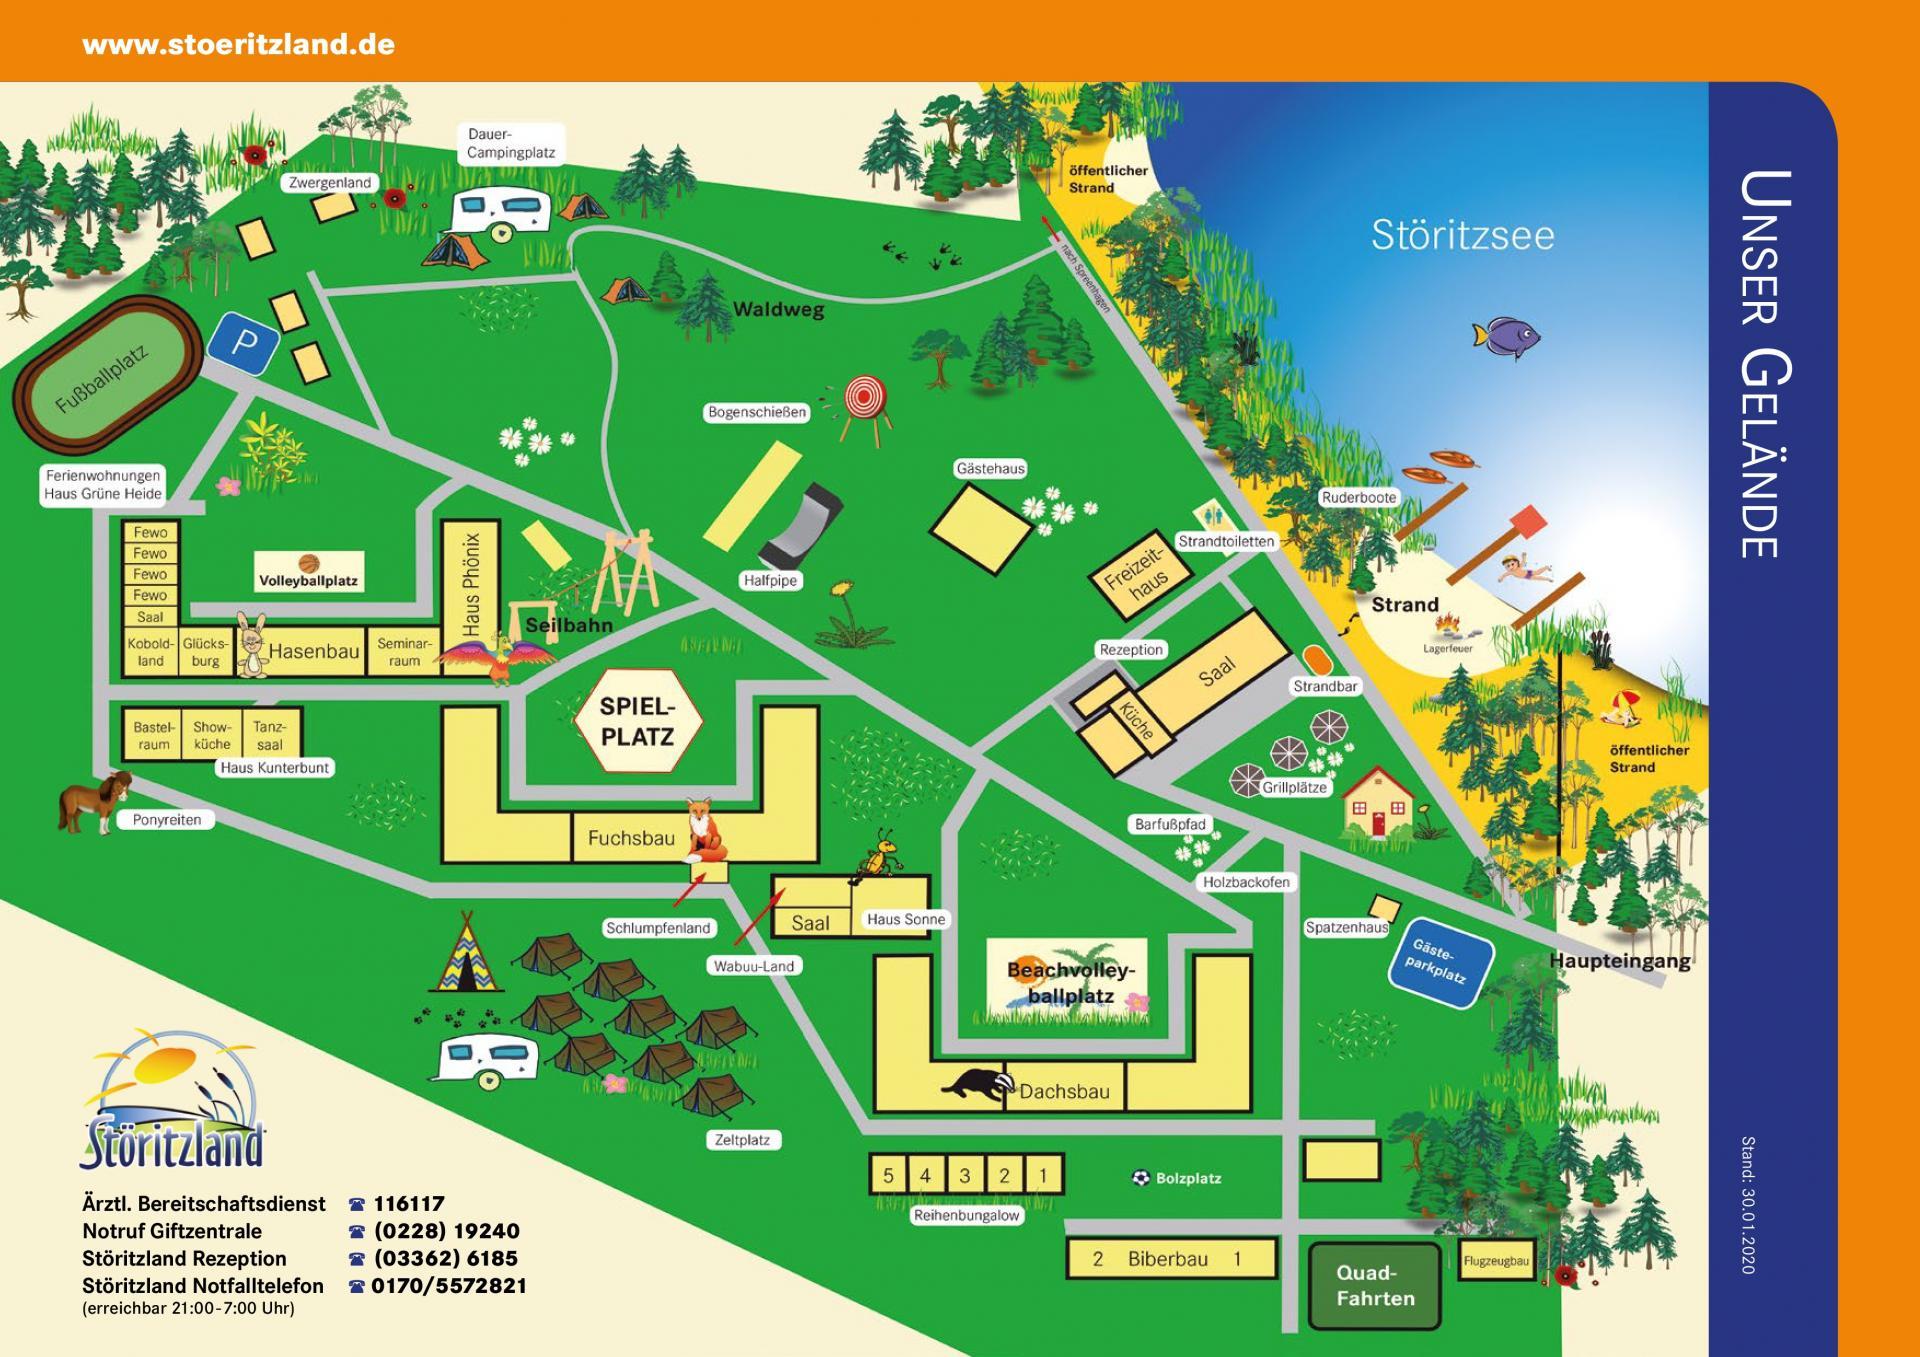 Geländeplan Störitzland - Kinder-, Jugend- und Familiencamp